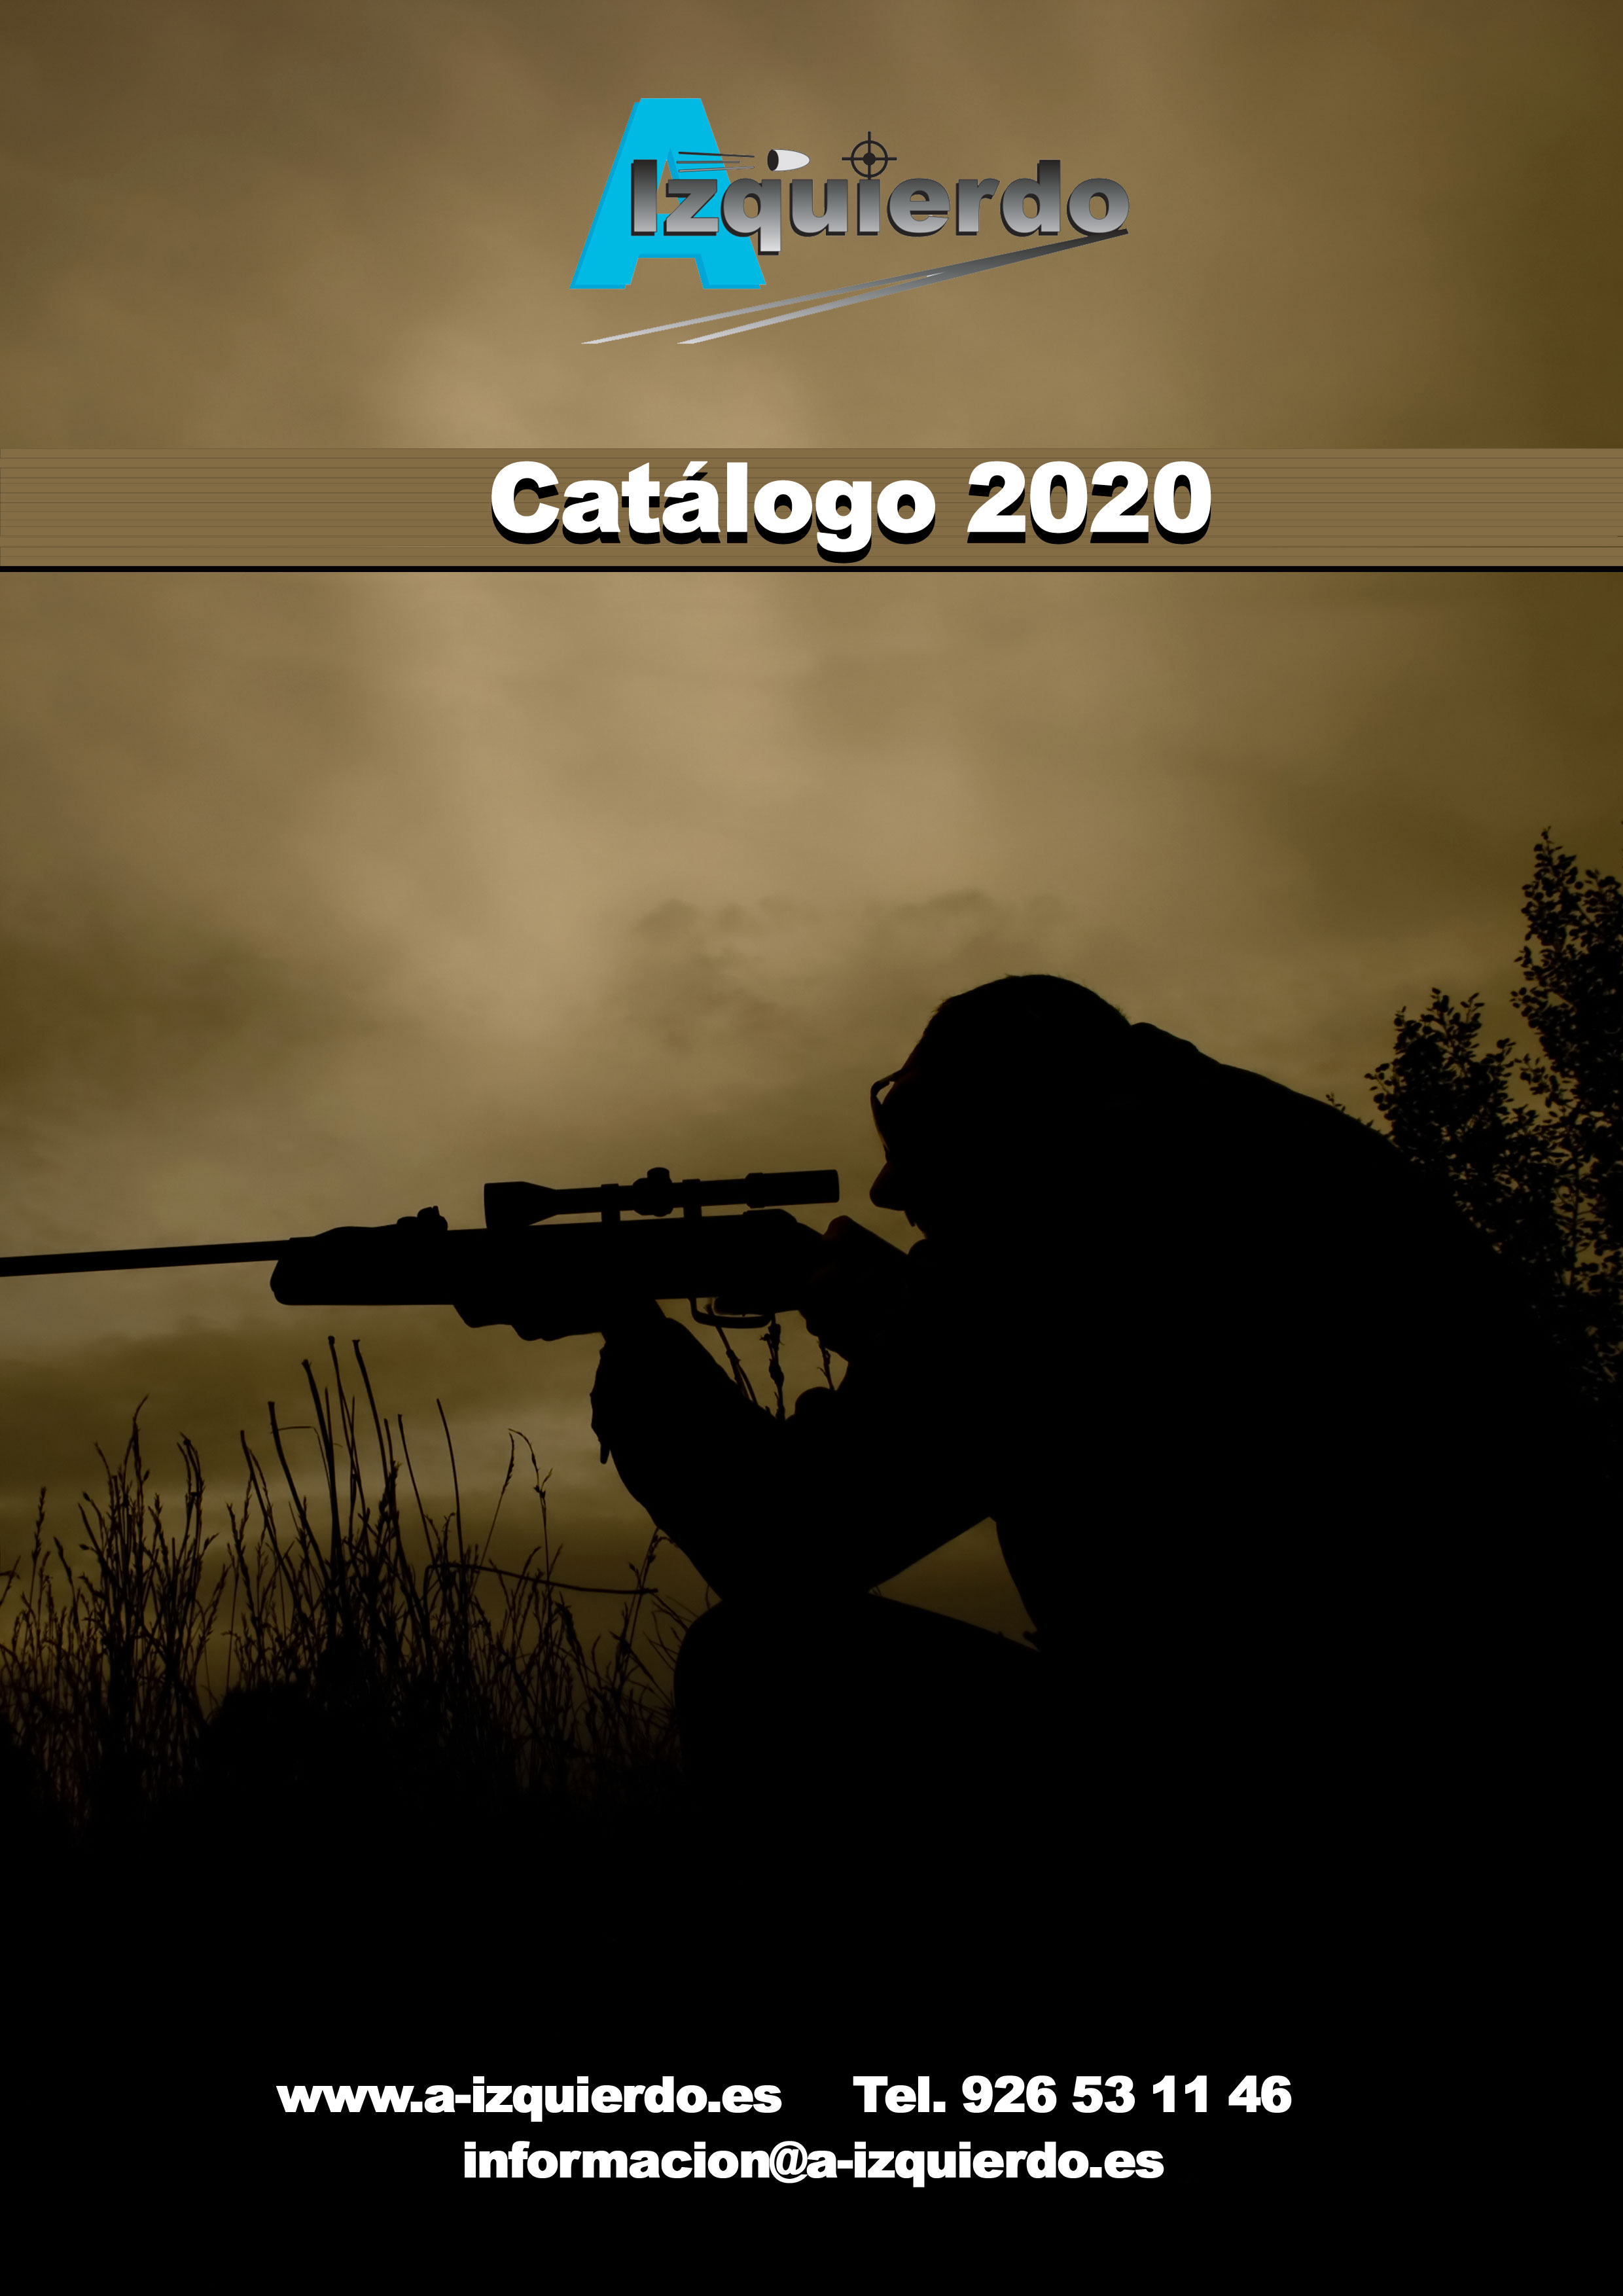 Catalogo Izquierdo 2020